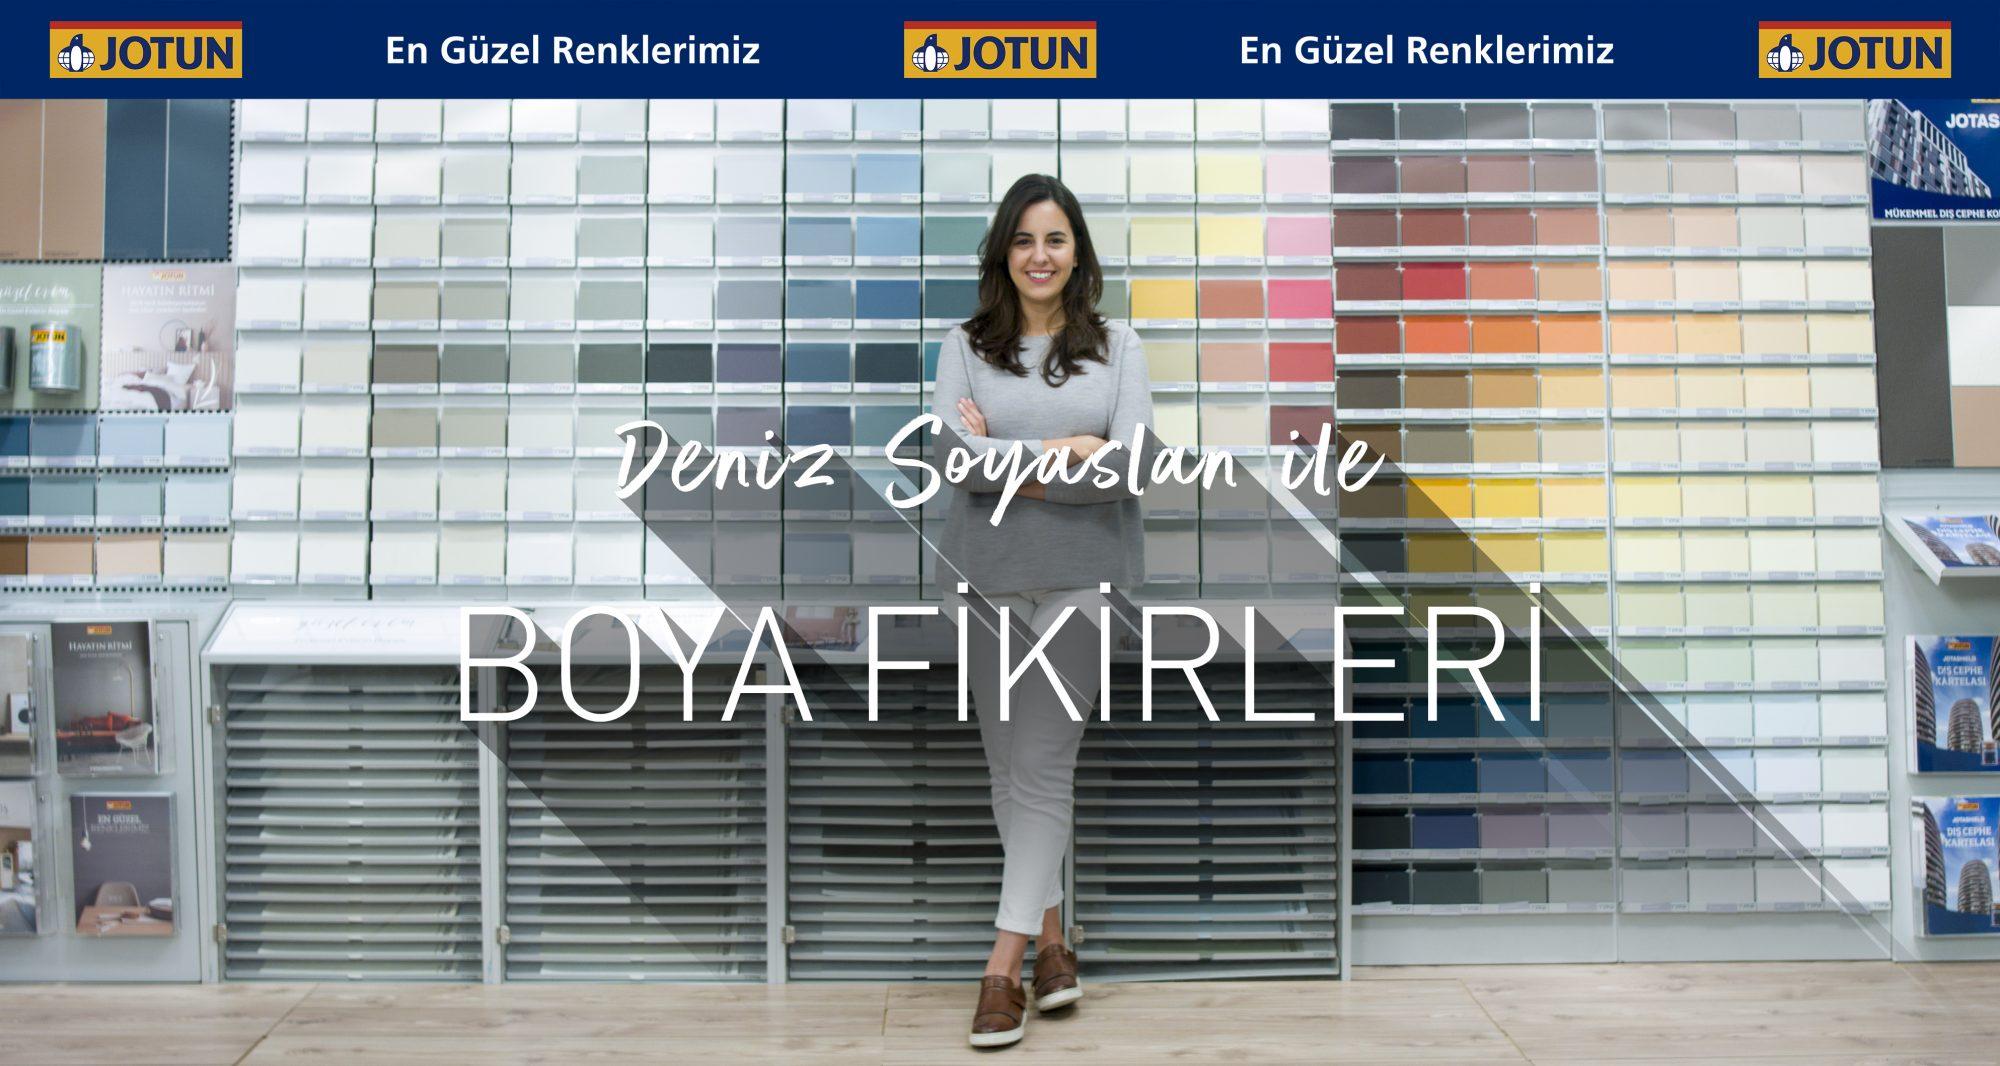 Renk, Boya ve Dekorasyona Dair Her Şey YouTube Kanalımızda!